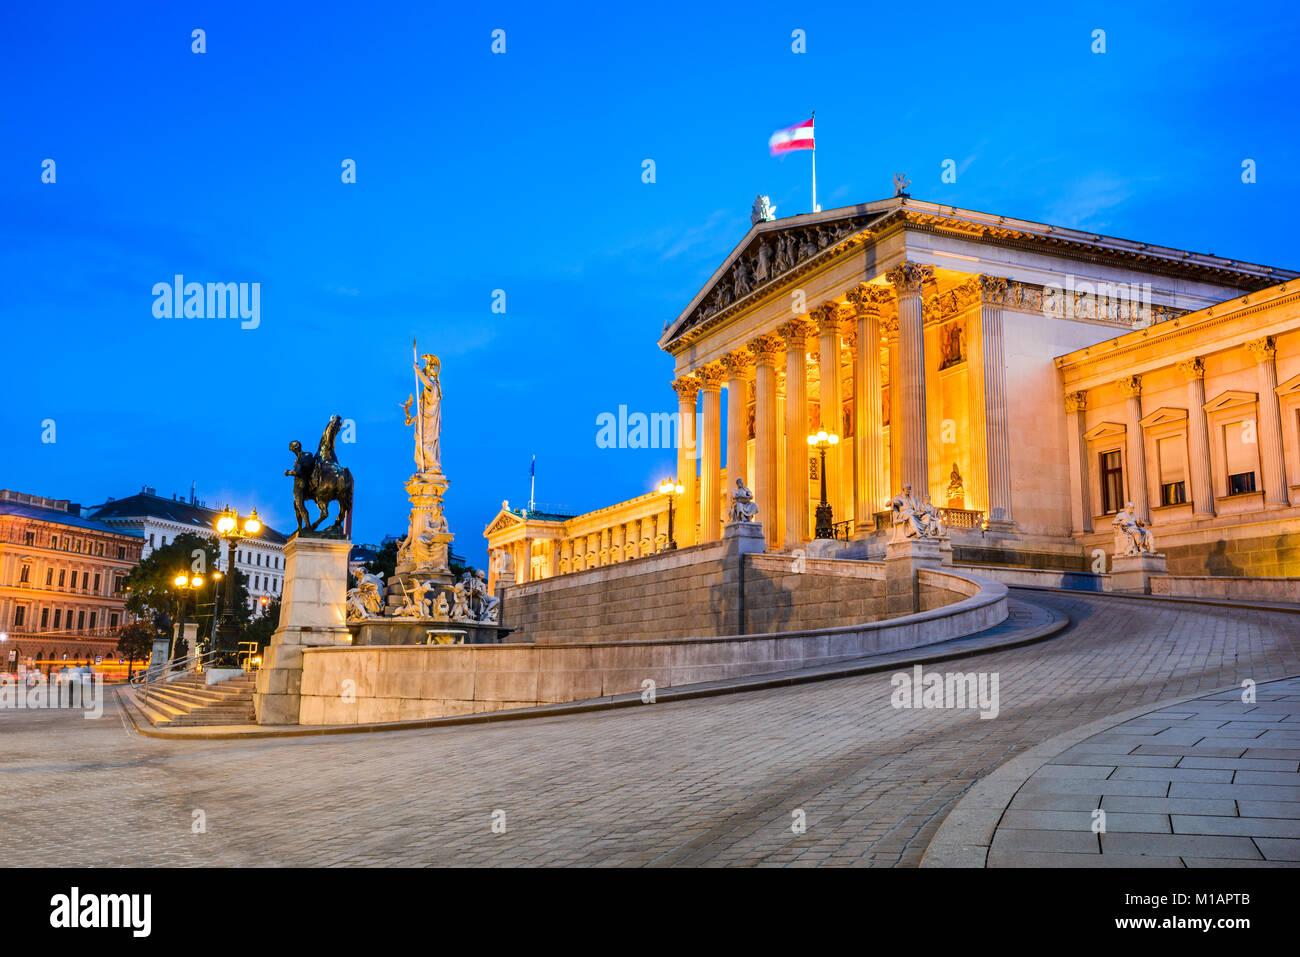 Wien, Österreich. Österreichisches Parlament Gebäude, Ringstraße, Innere Stadt in Wien. Stockbild